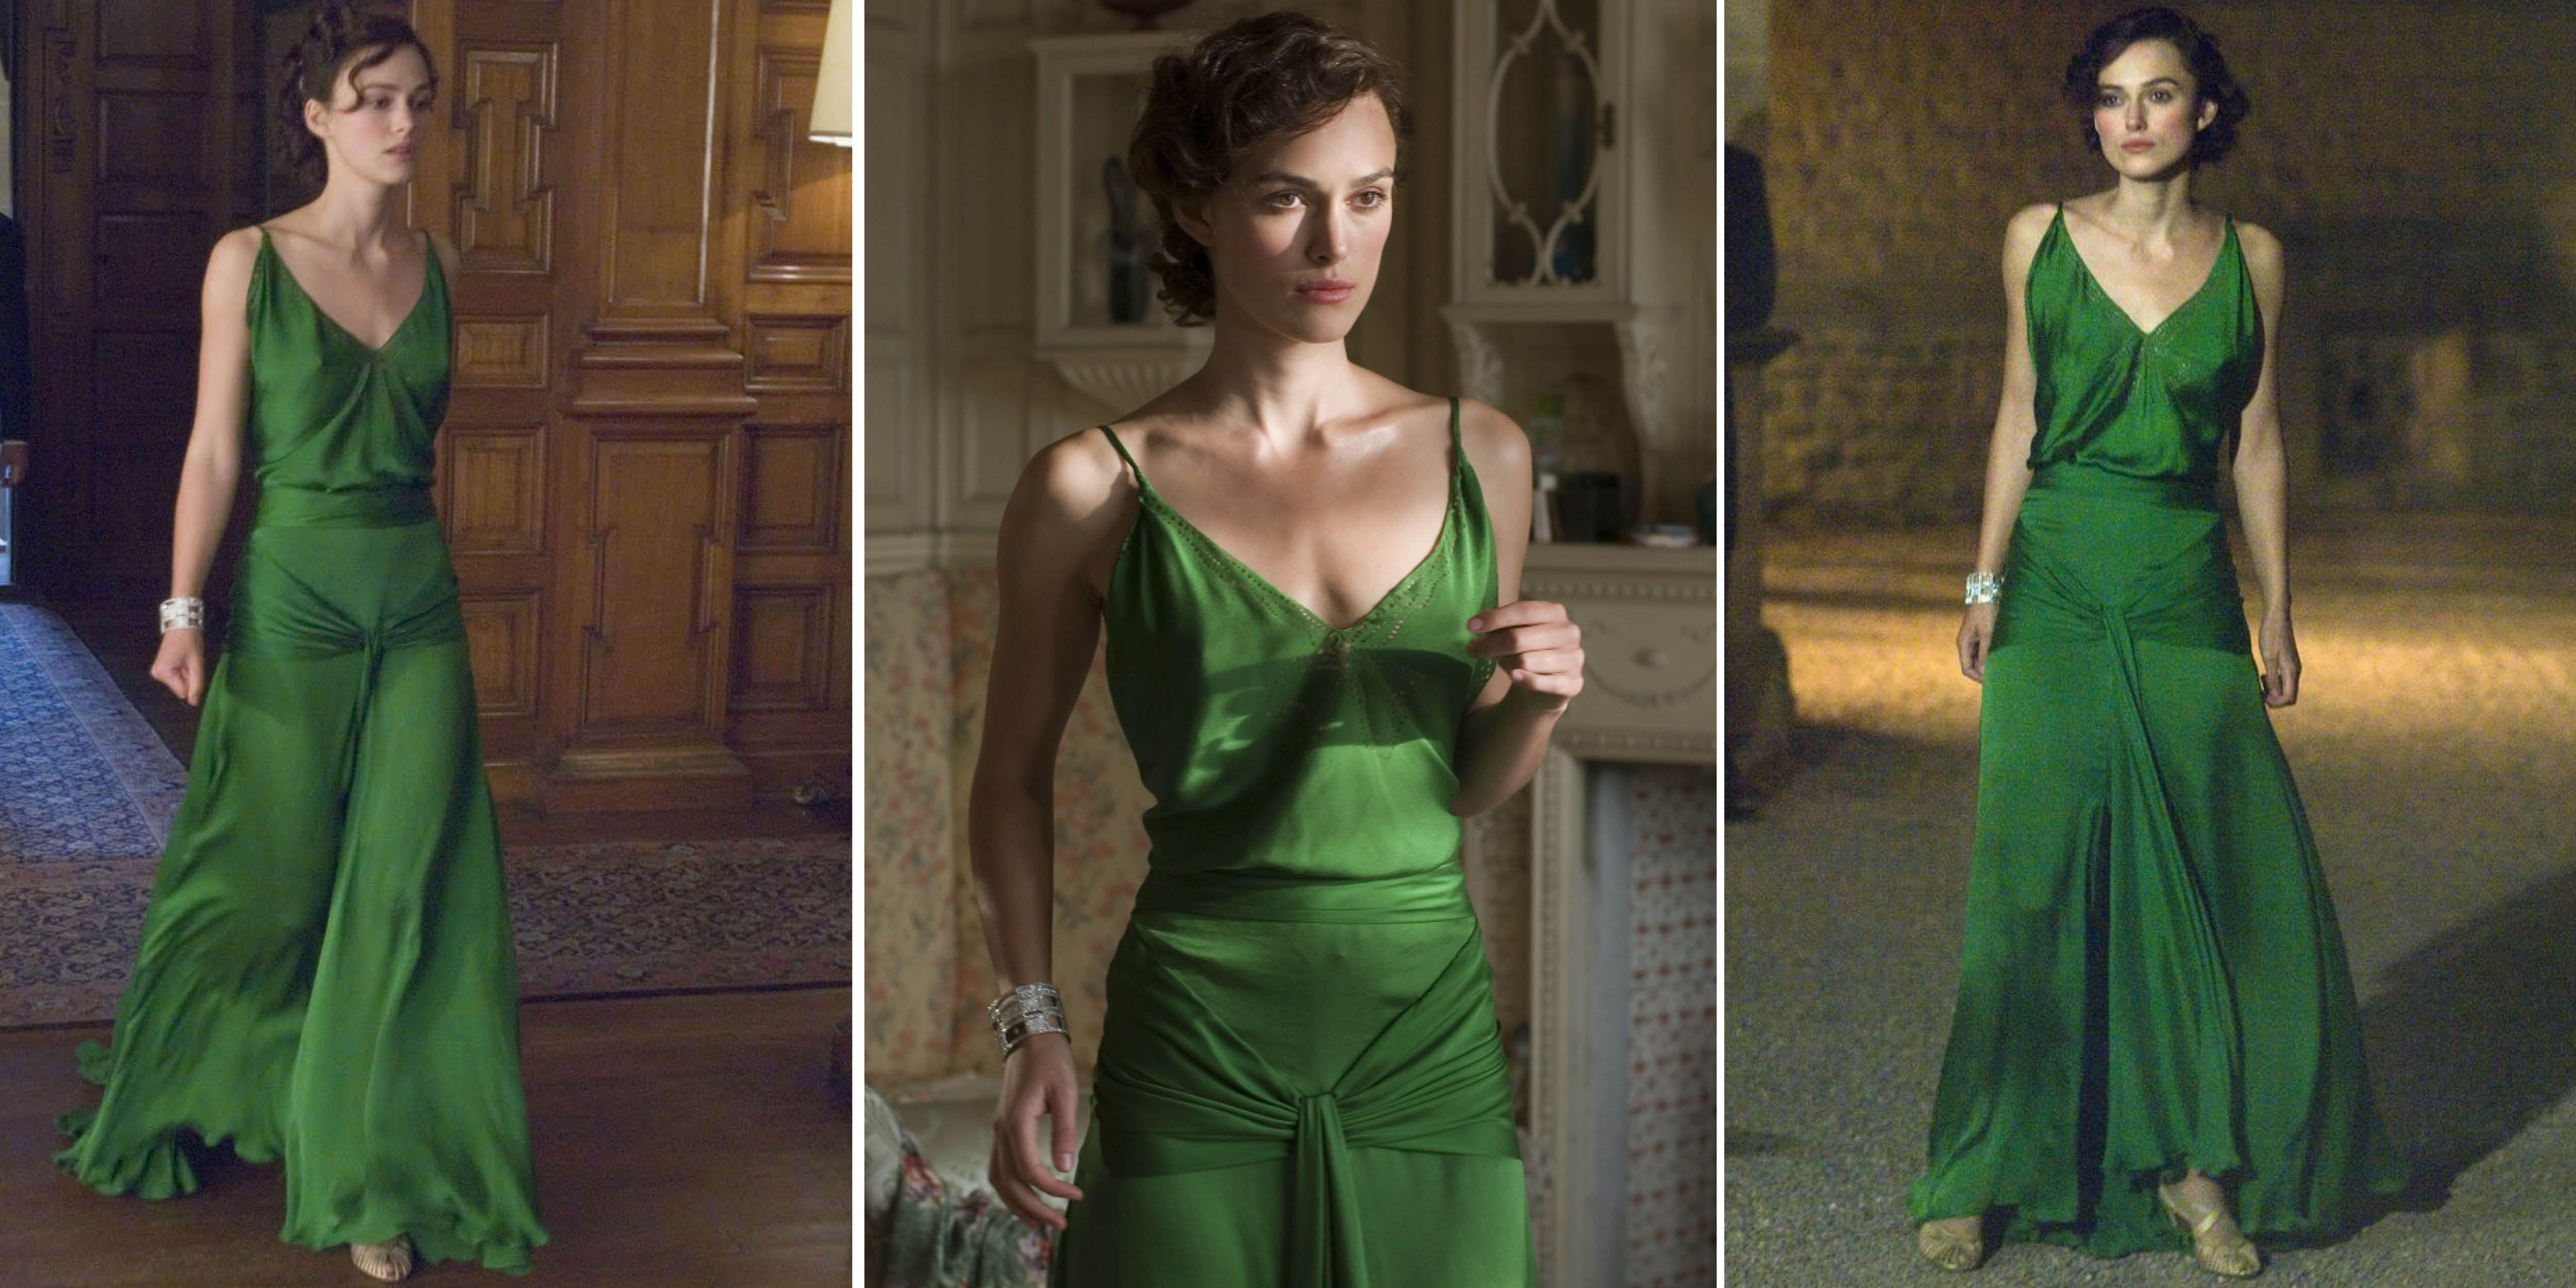 dd6da8440 Los vestidos más icónicos del cine y la TV